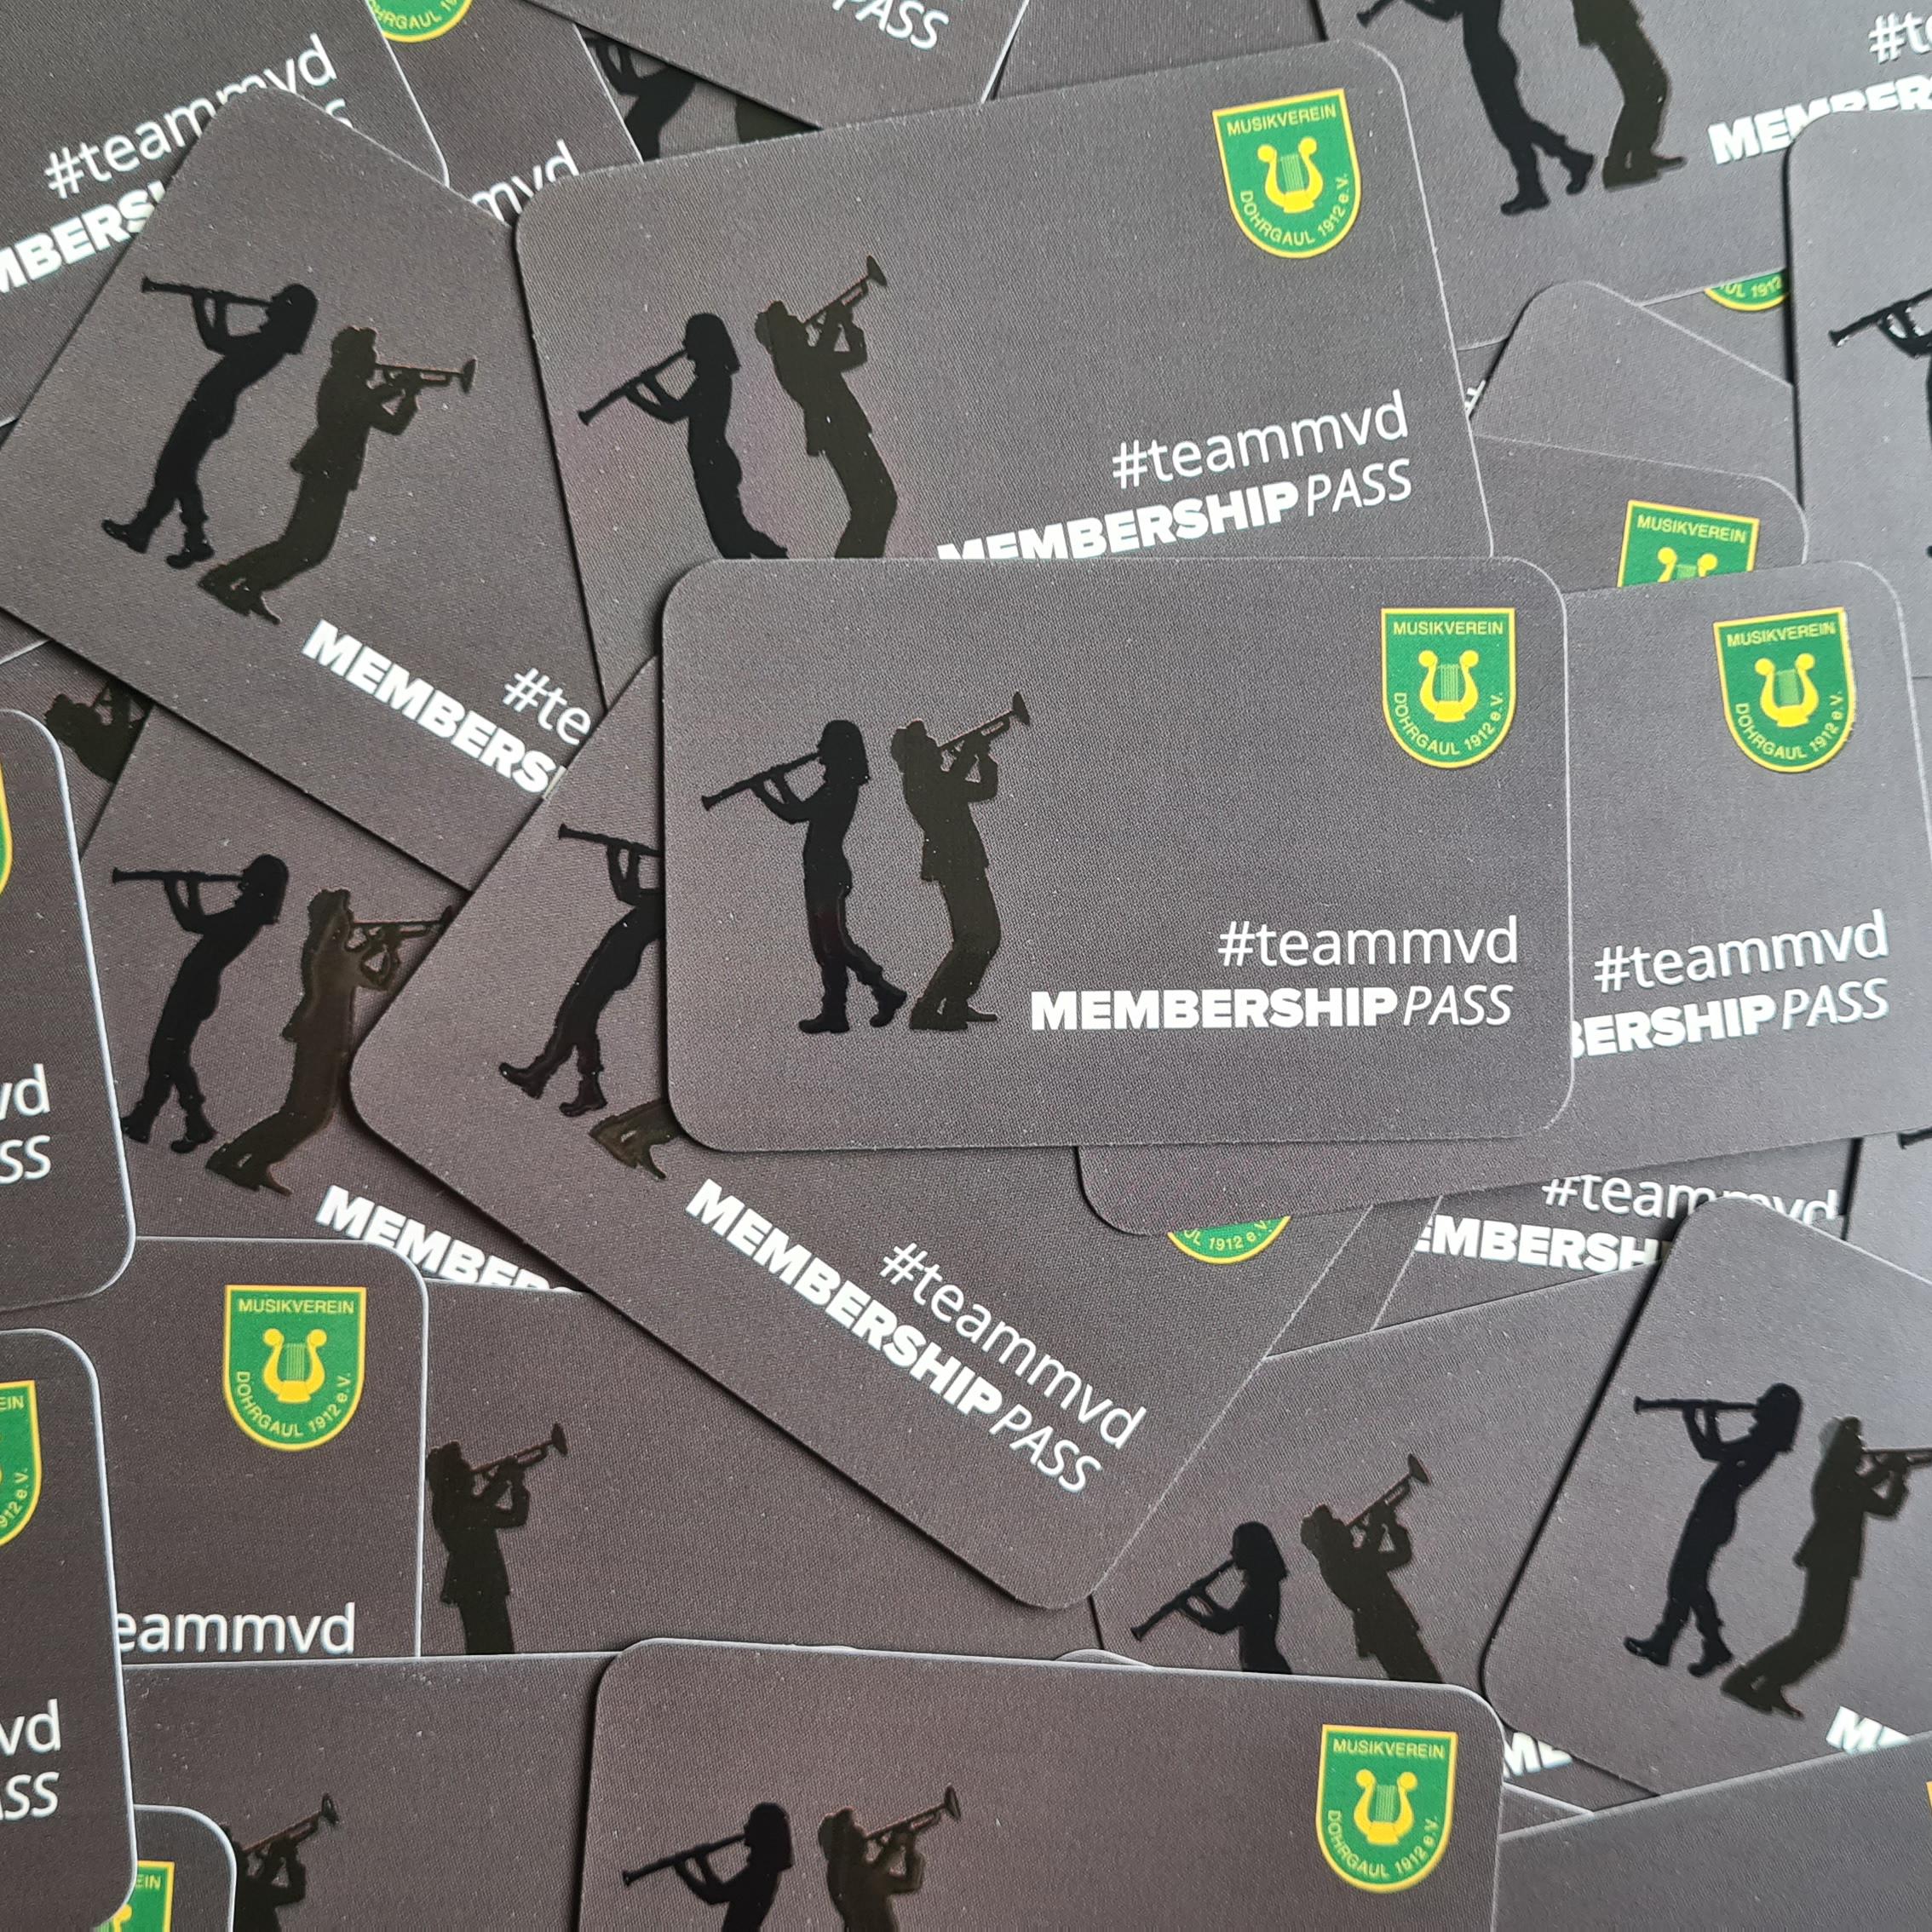 Der neue #teammvd Membership Pass ist da!